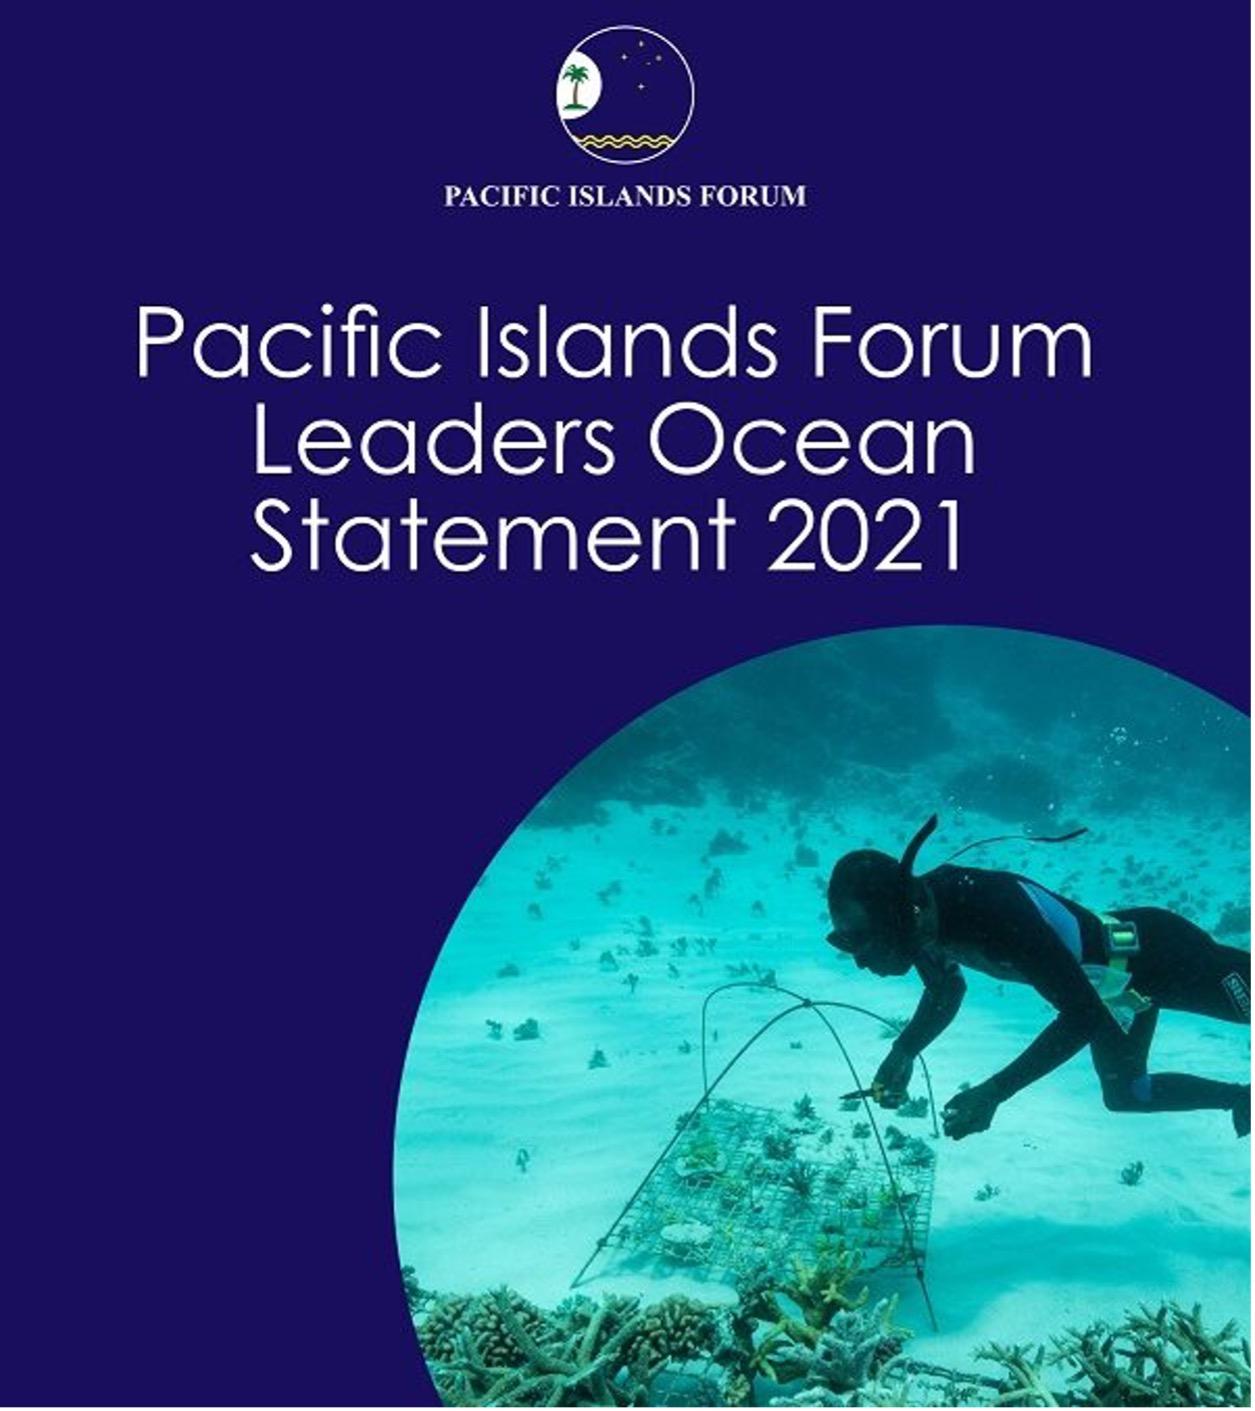 Pacific Islands Forum leaders ocean statement 2021